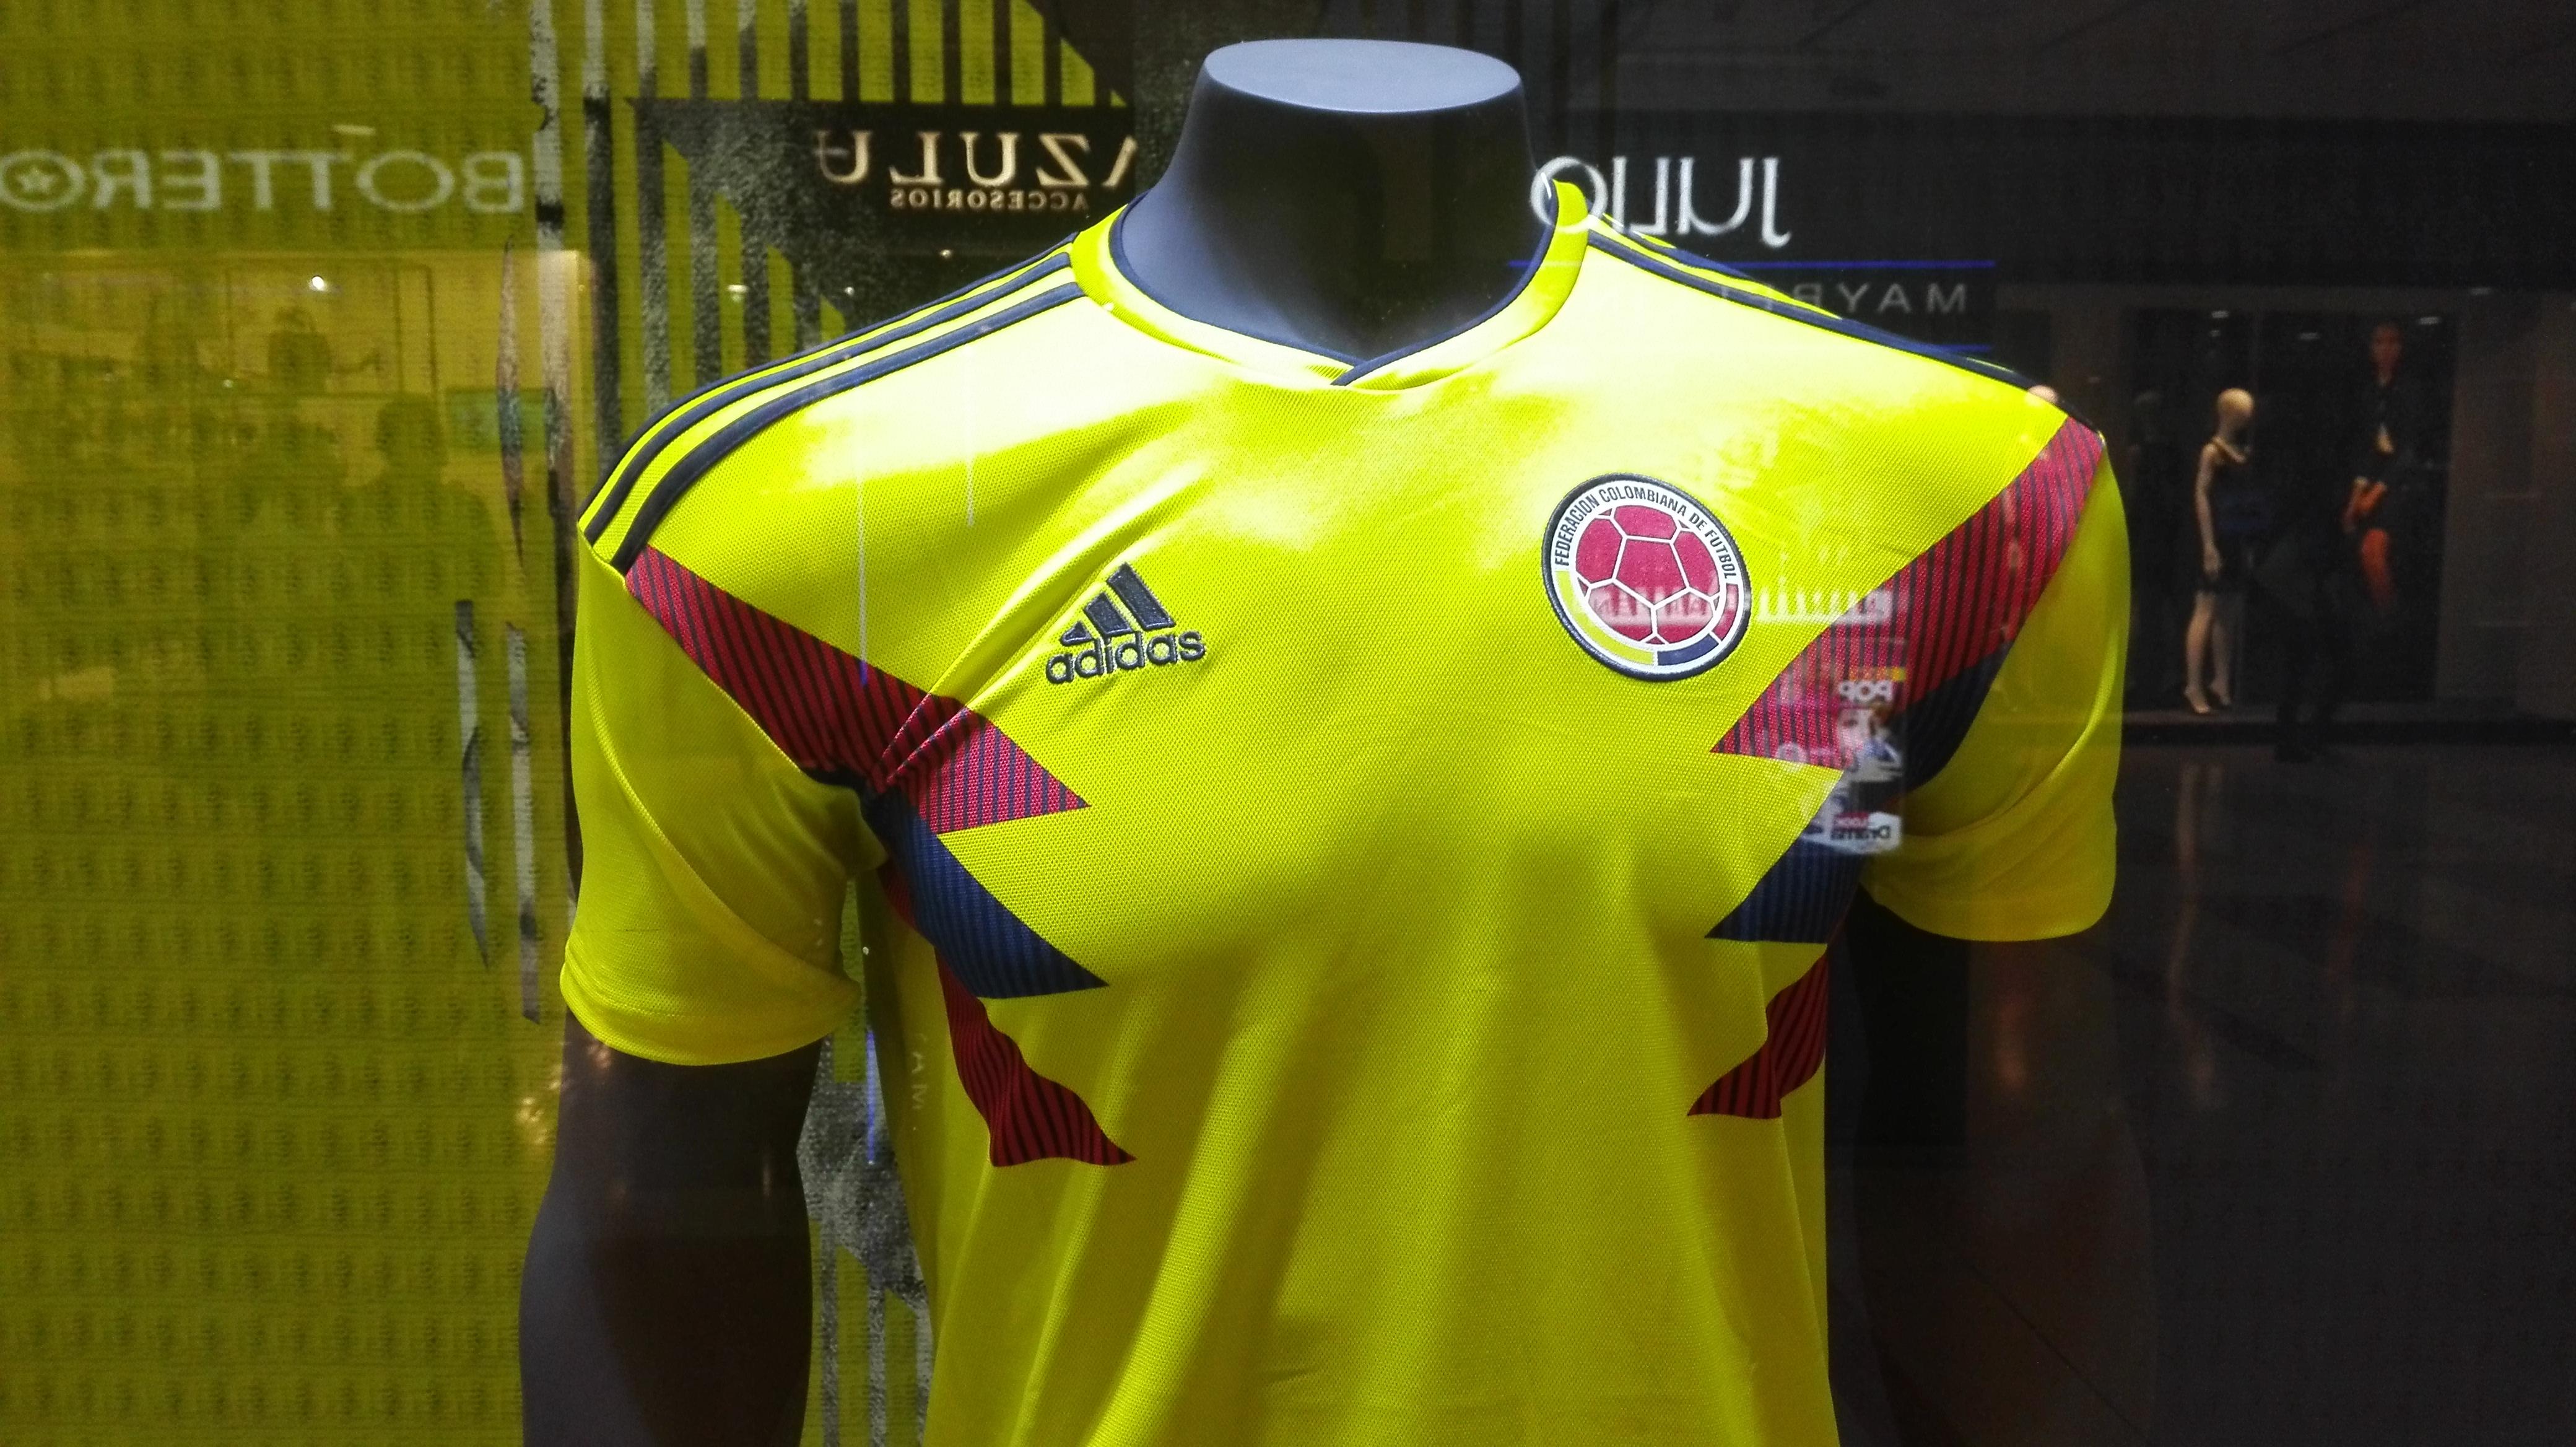 Uniforme de la selección de fútbol de Colombia - Wikipedia 412c3f5528ca0